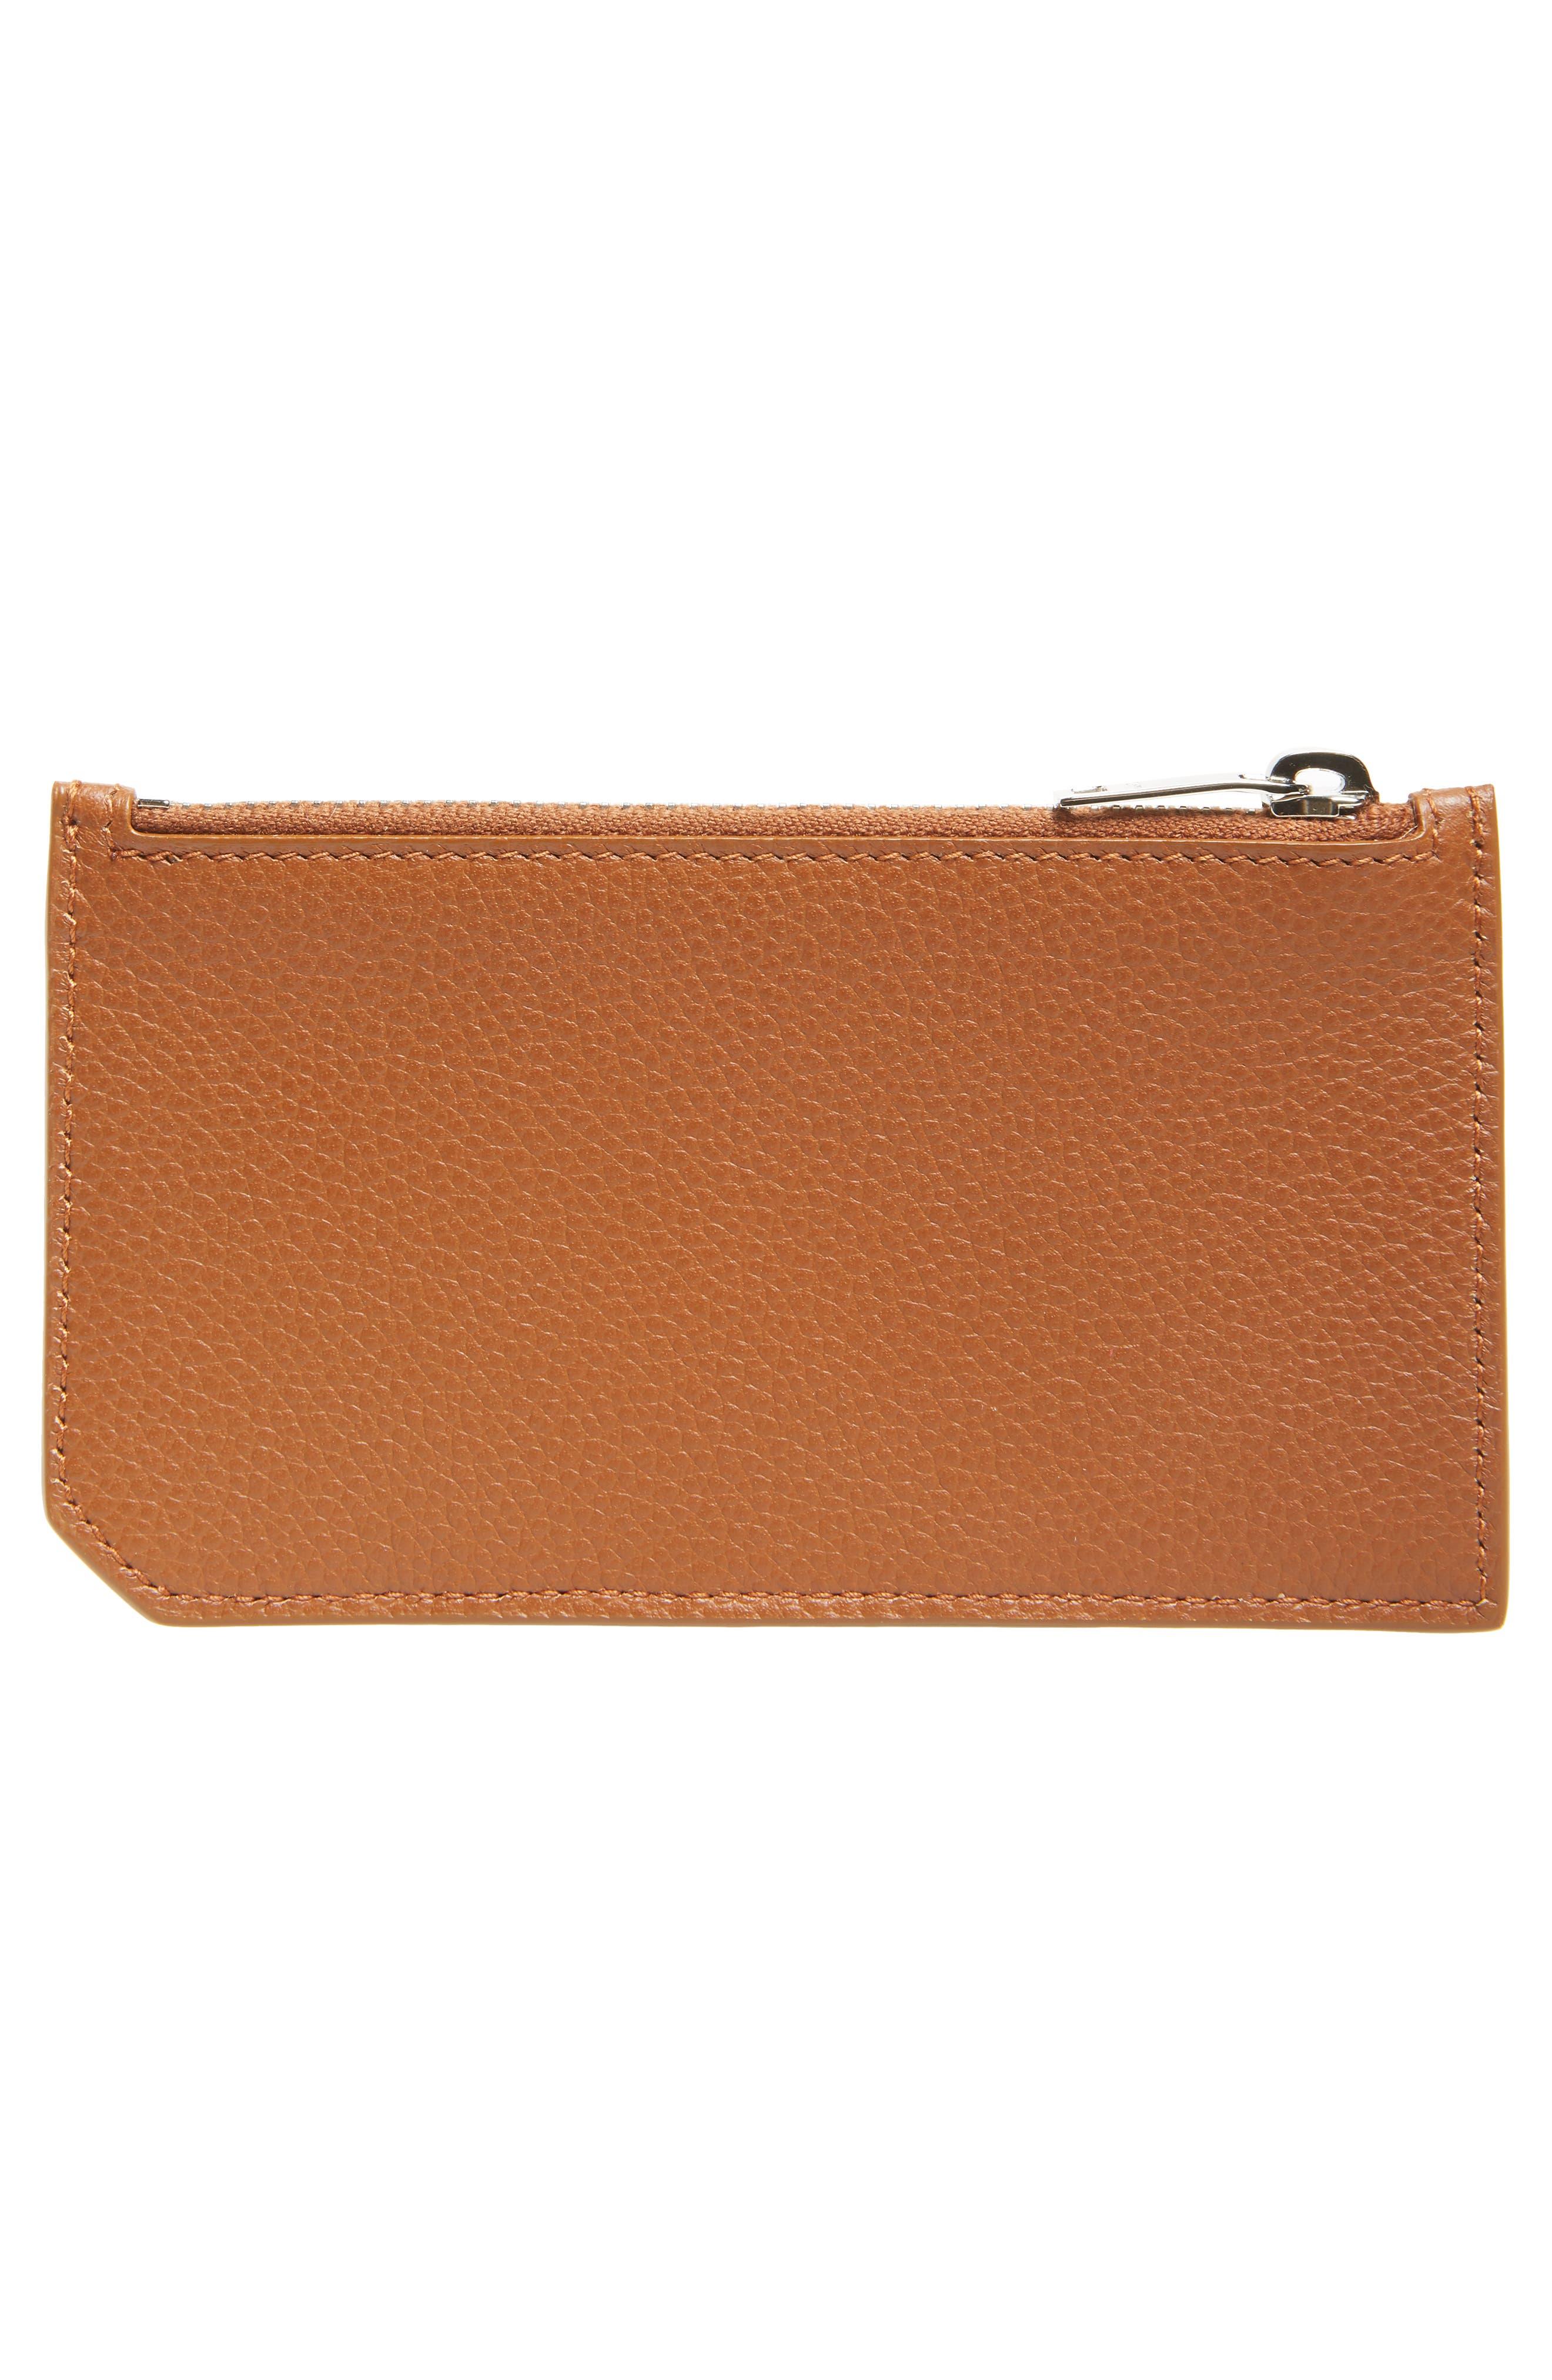 Leather Zip Wallet,                             Alternate thumbnail 2, color,                             FAUVE